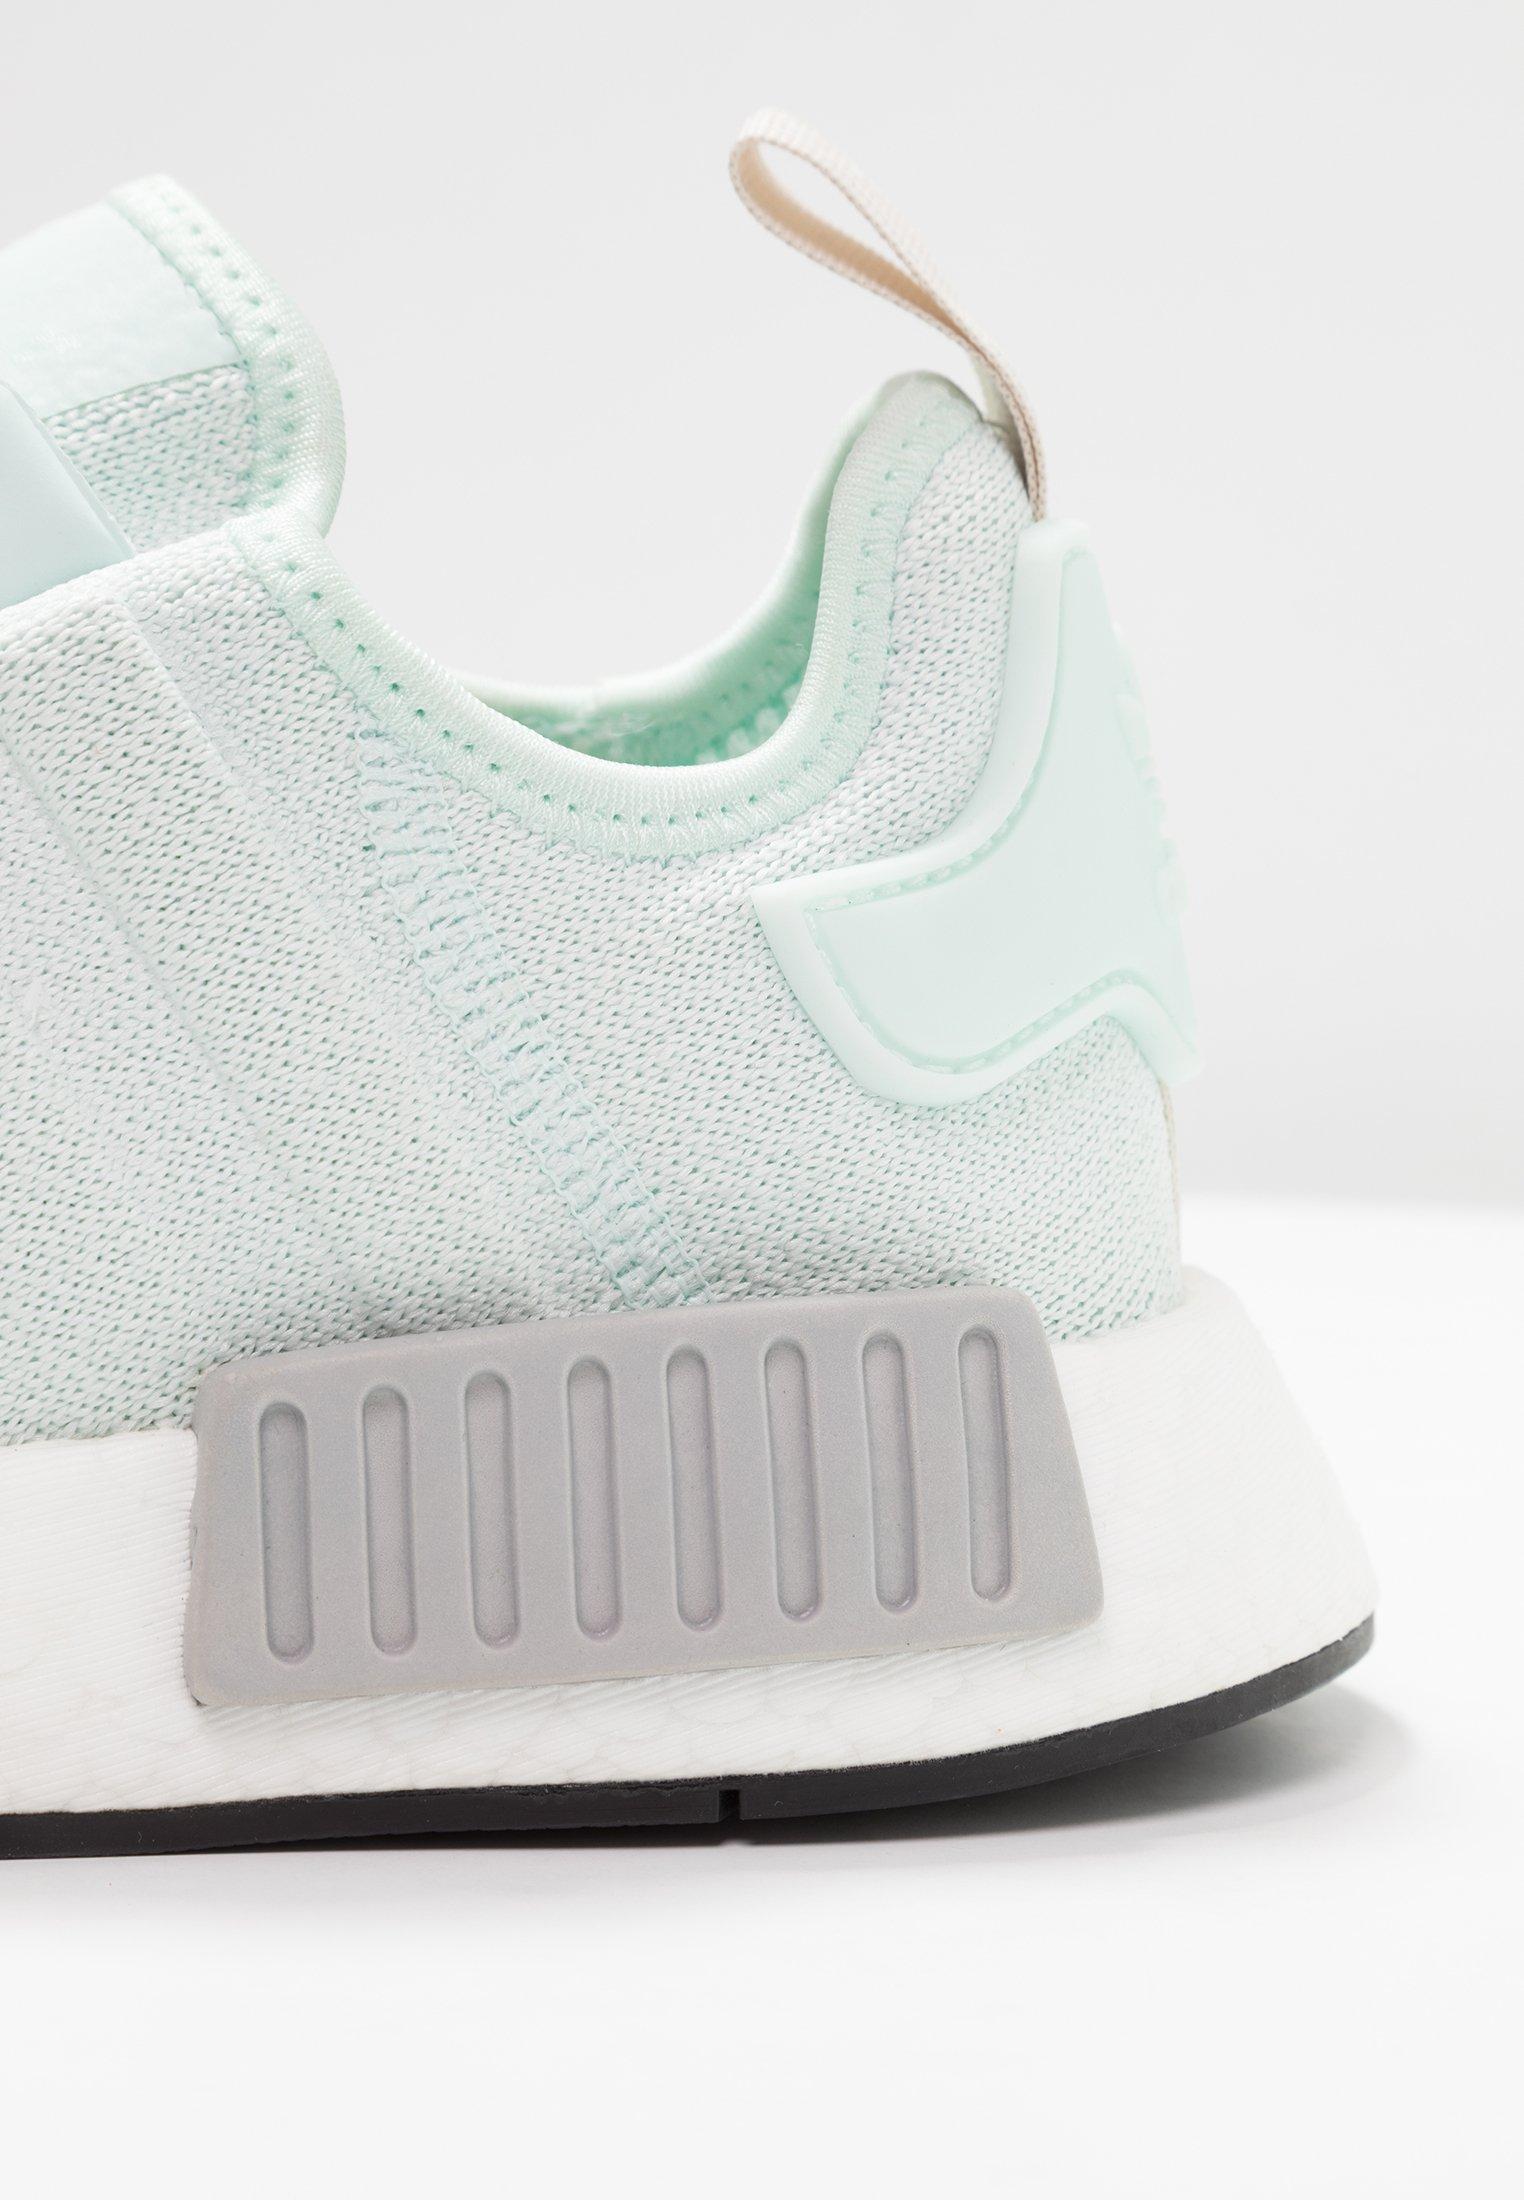 adidas Originals NMD_R1 Sneaker low ice mintfootwear